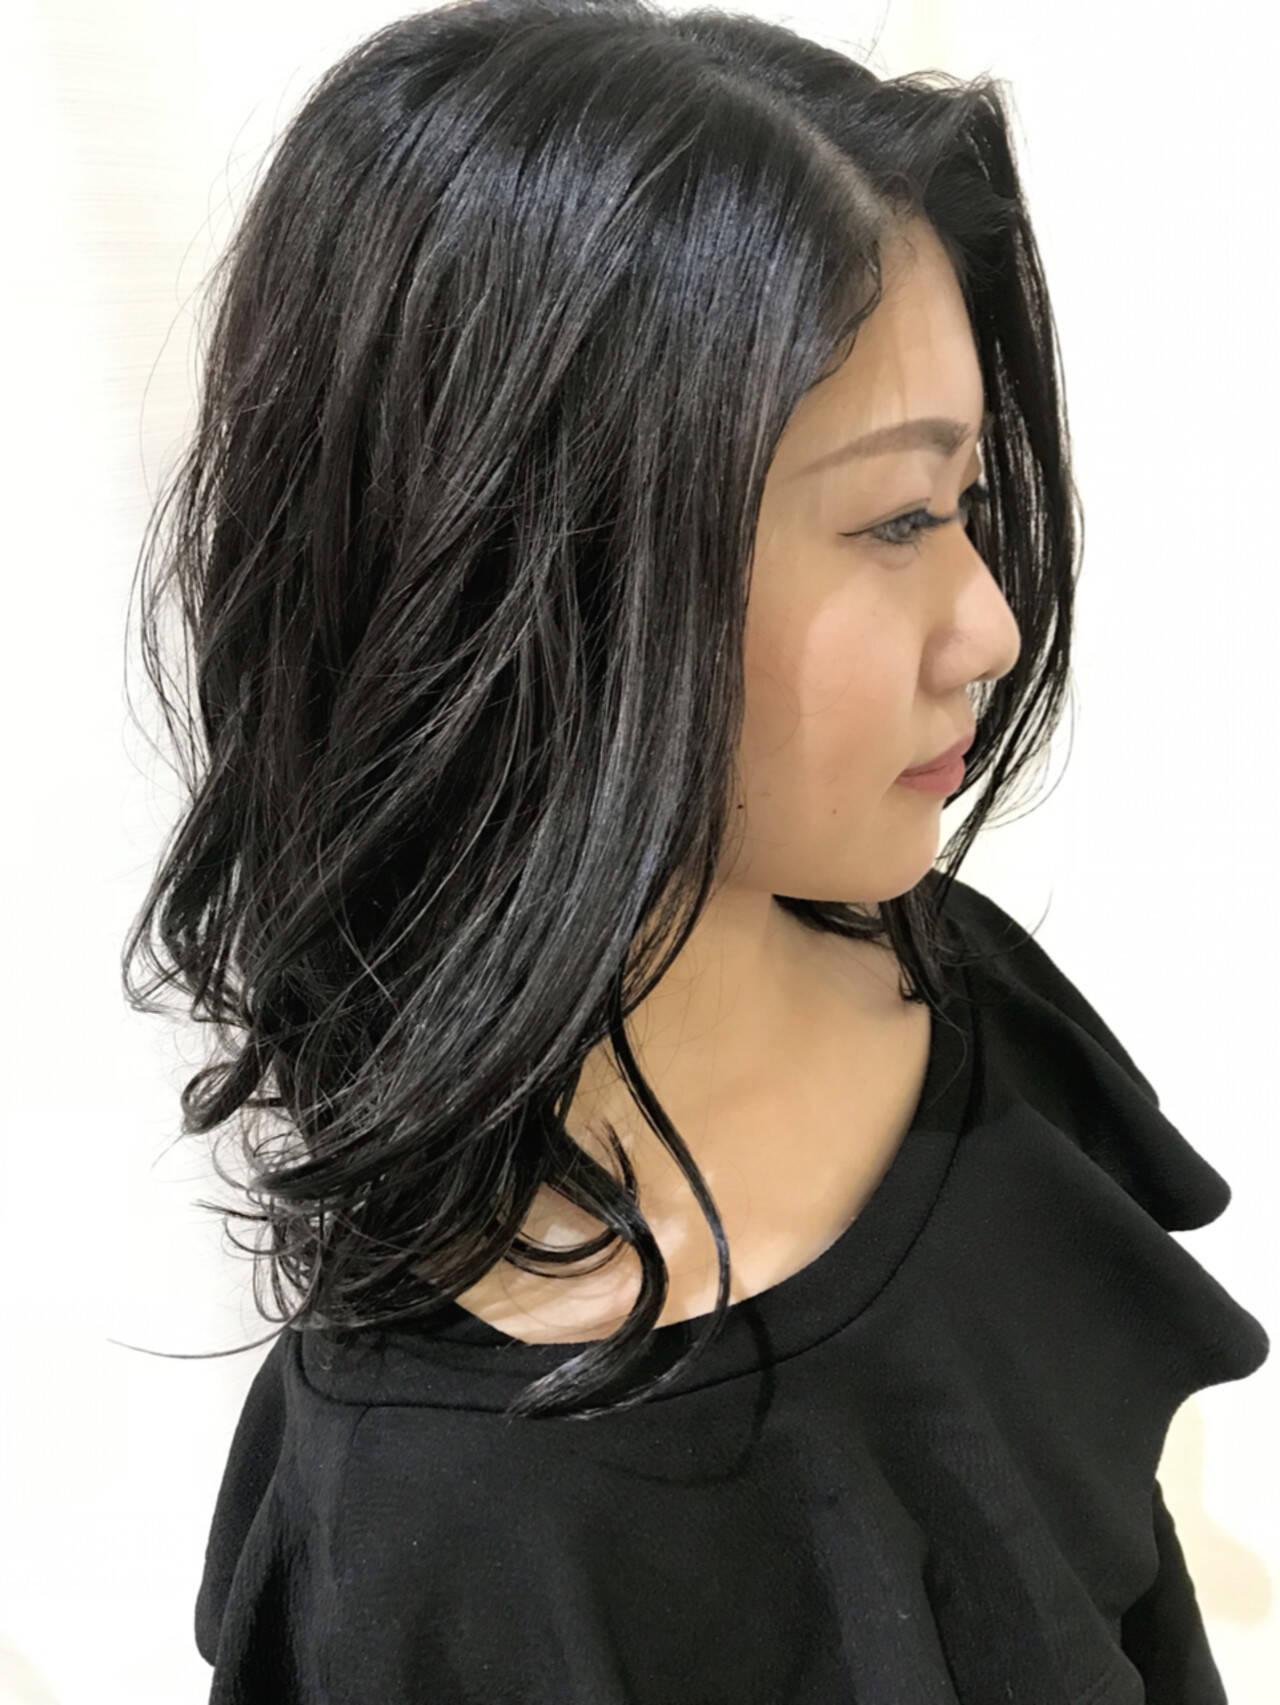 ヘアアレンジ デート エレガント パーマヘアスタイルや髪型の写真・画像